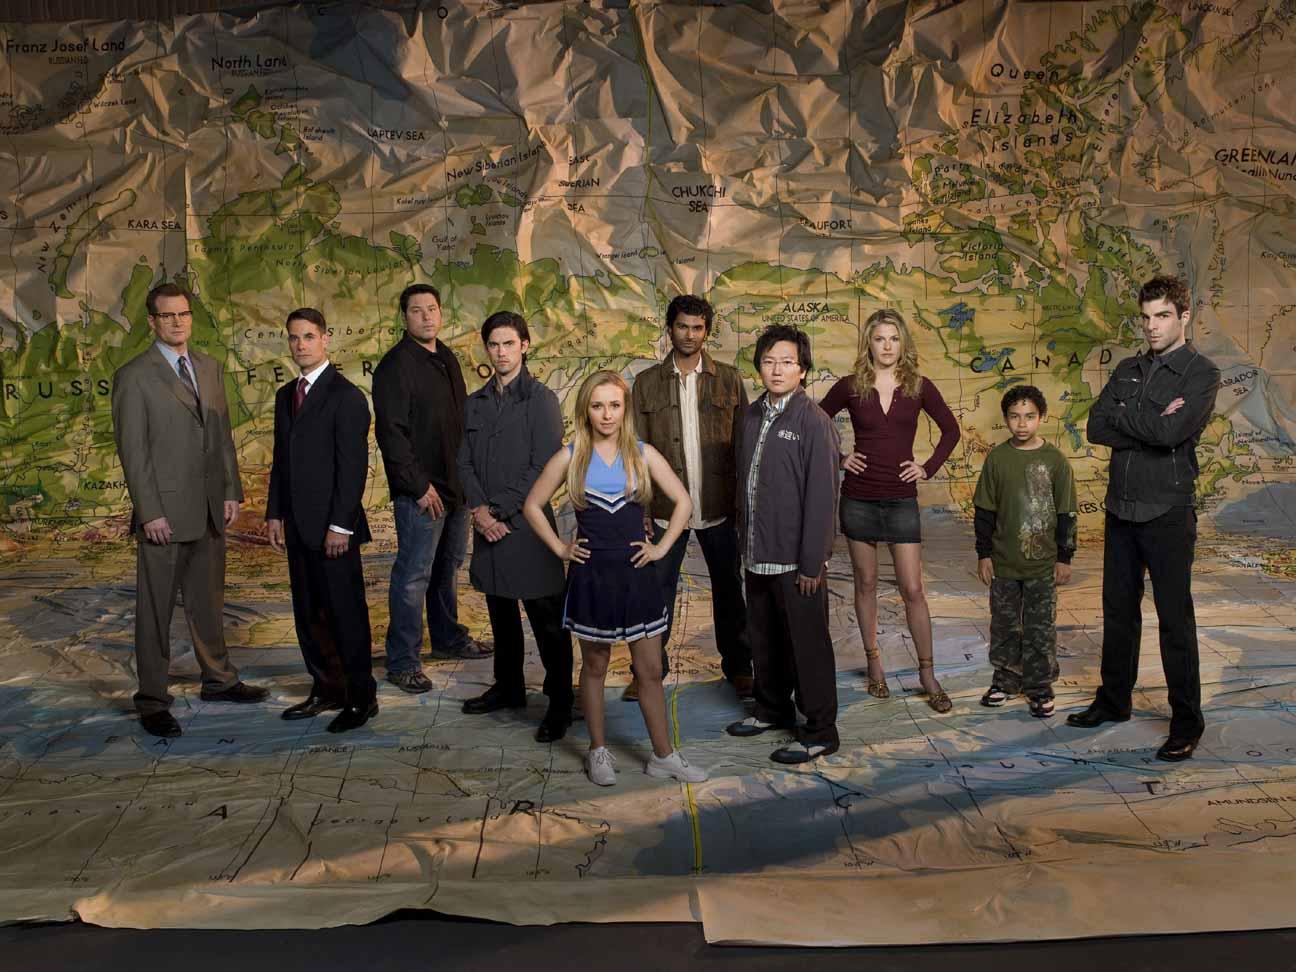 heroes s3 wallpaper - photo #35